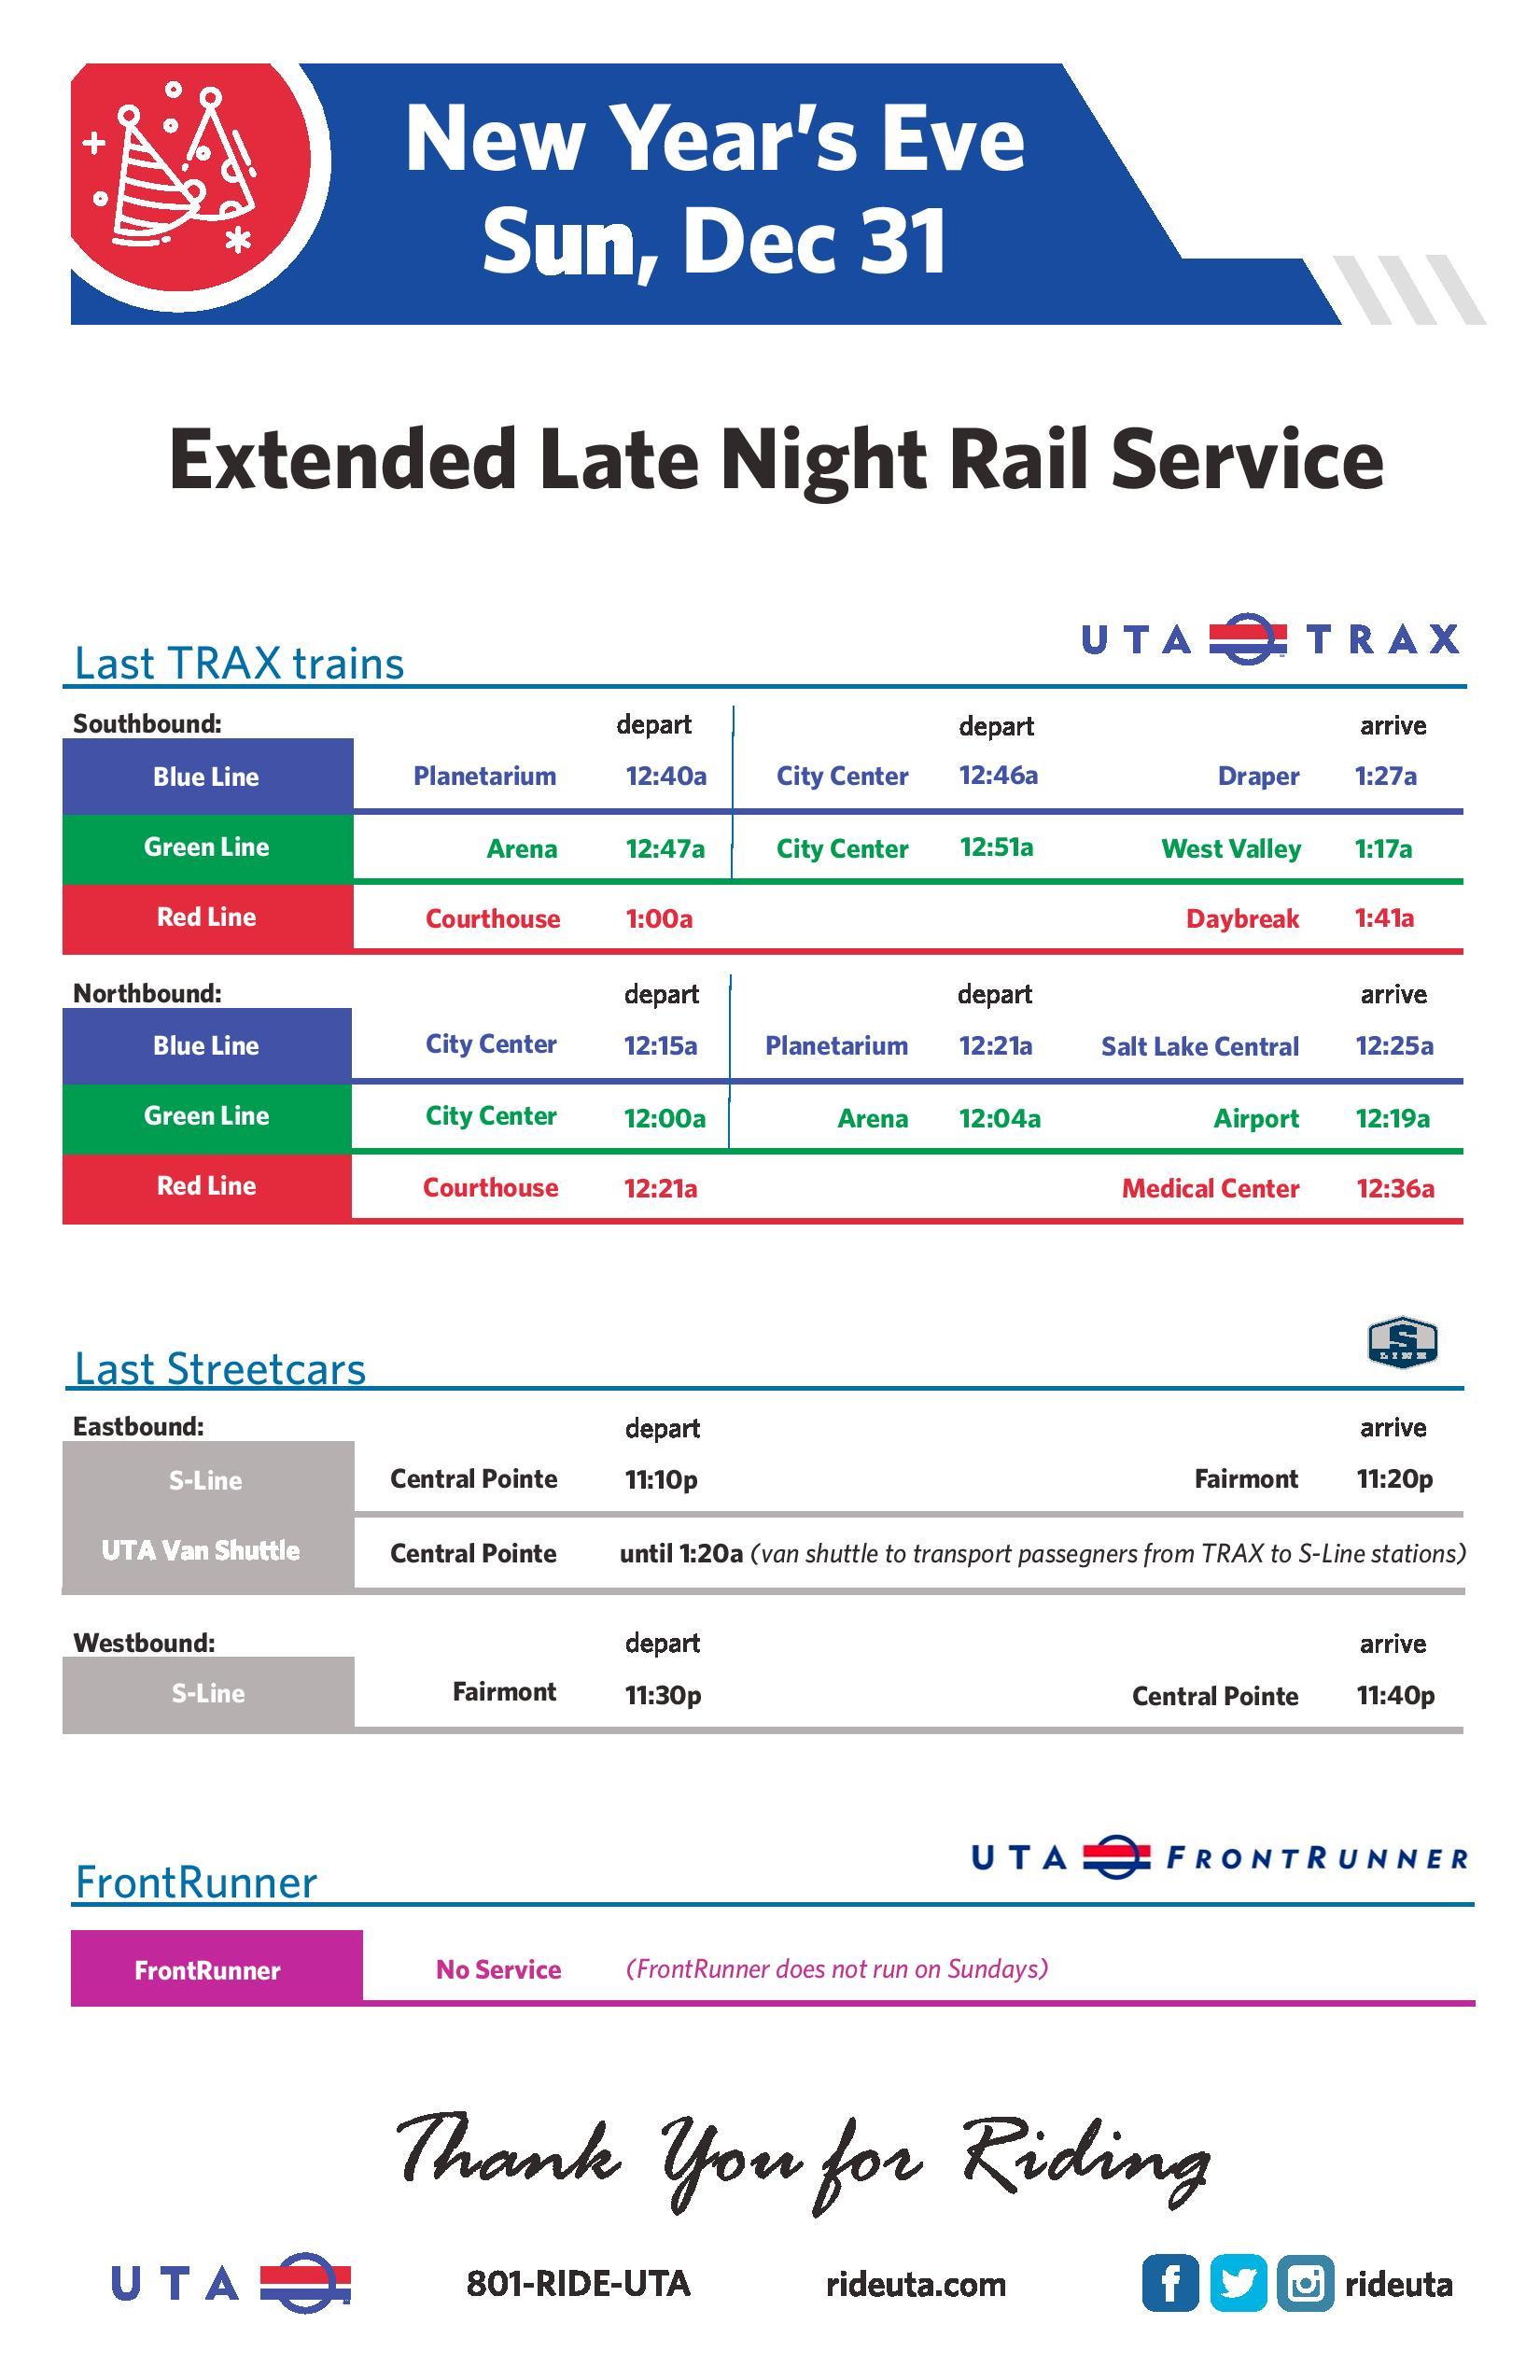 UTA Holiday Service Schedule